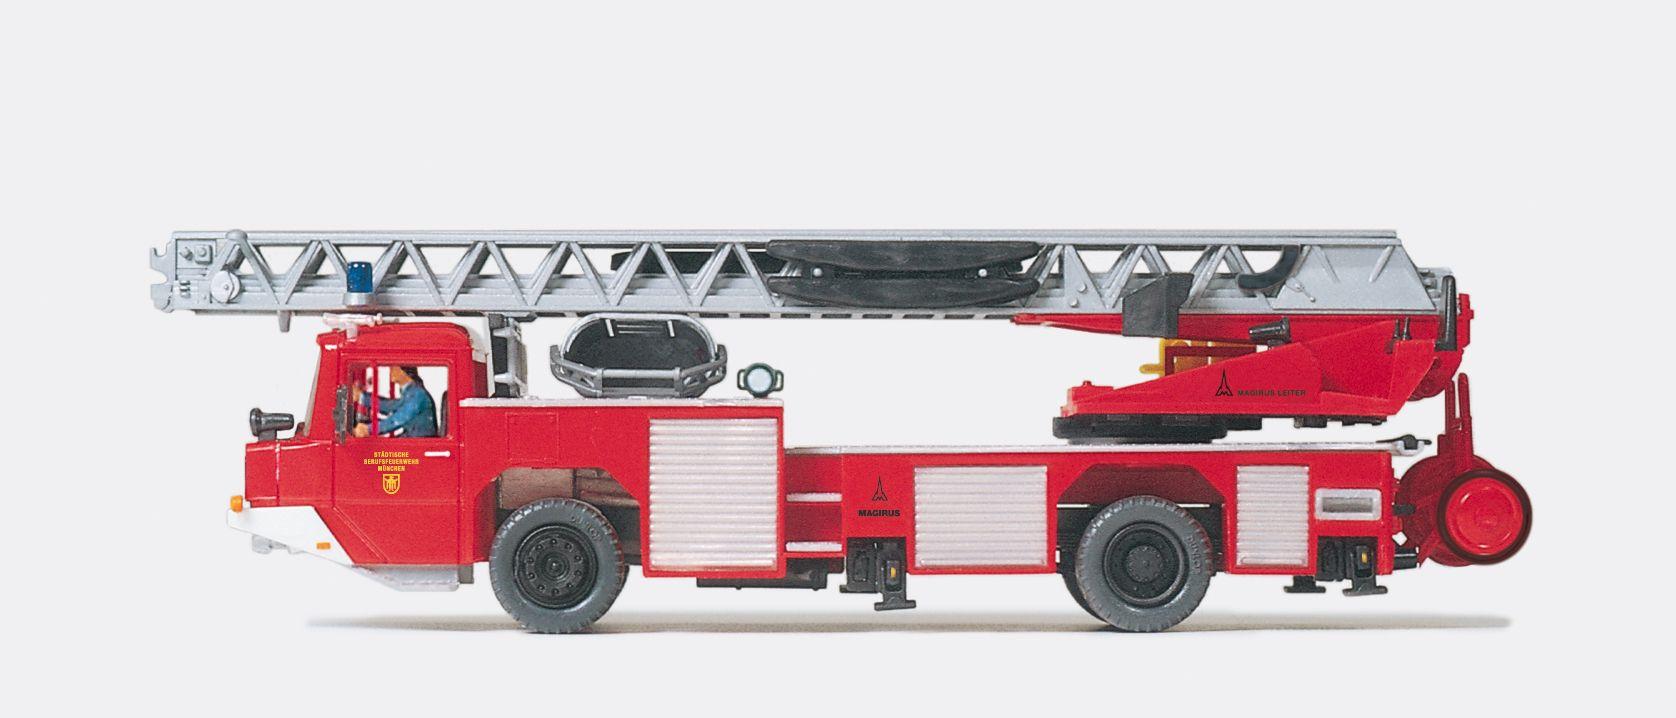 1:87 Feuerwehr Magirus Drehleiter DLK 23 DLK 23-12 voll beweglich, Bausatz - Preiser 31134  | günstig bestellen bei Modelleisenbahn Center  MCS Vertriebs GmbH